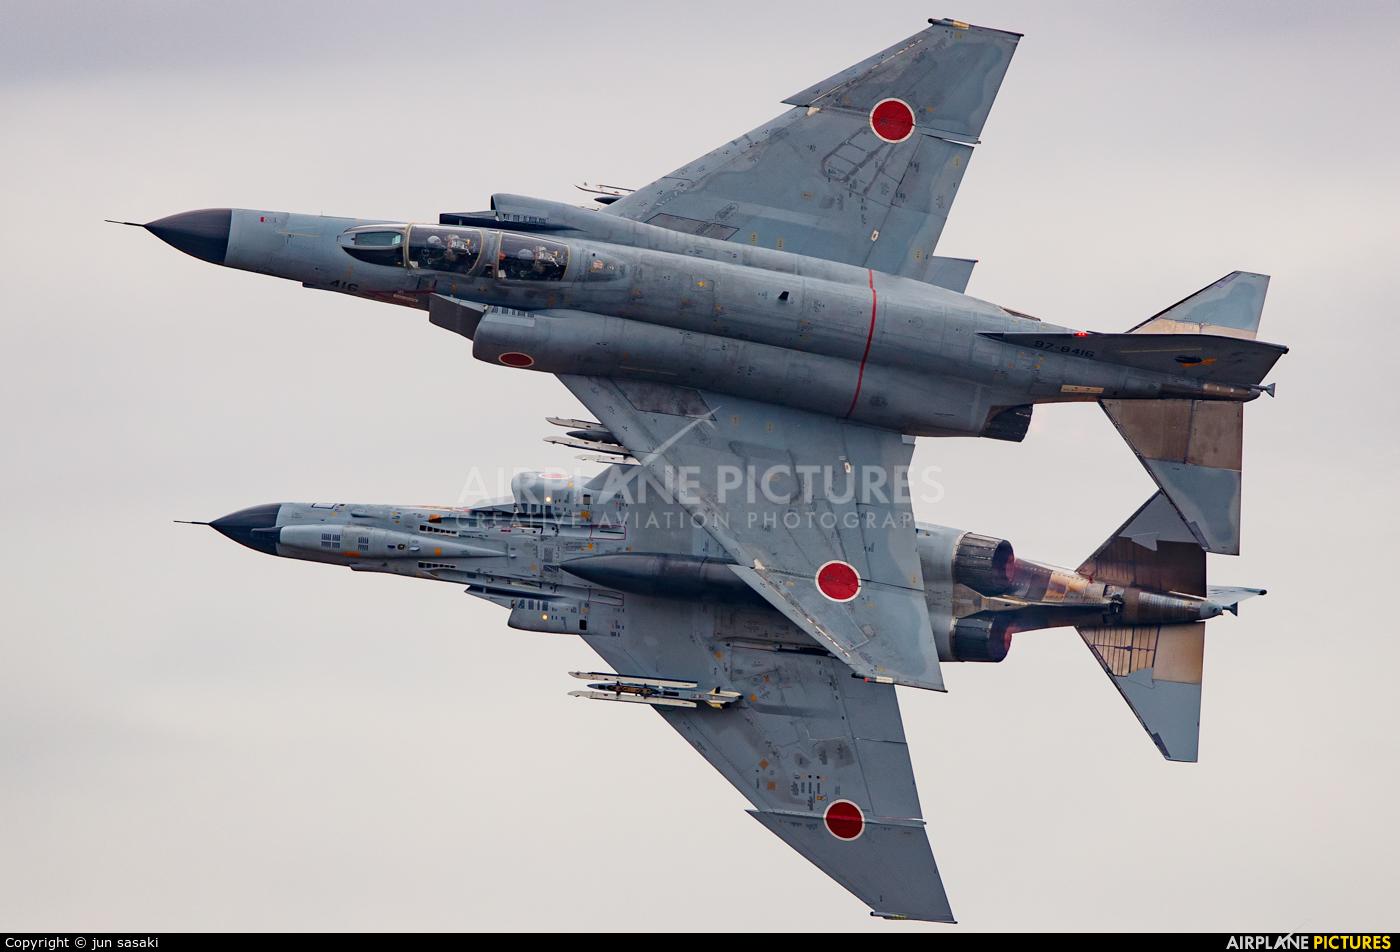 Japan - Air Self Defence Force 97-8416 aircraft at Ibaraki - Hyakuri AB